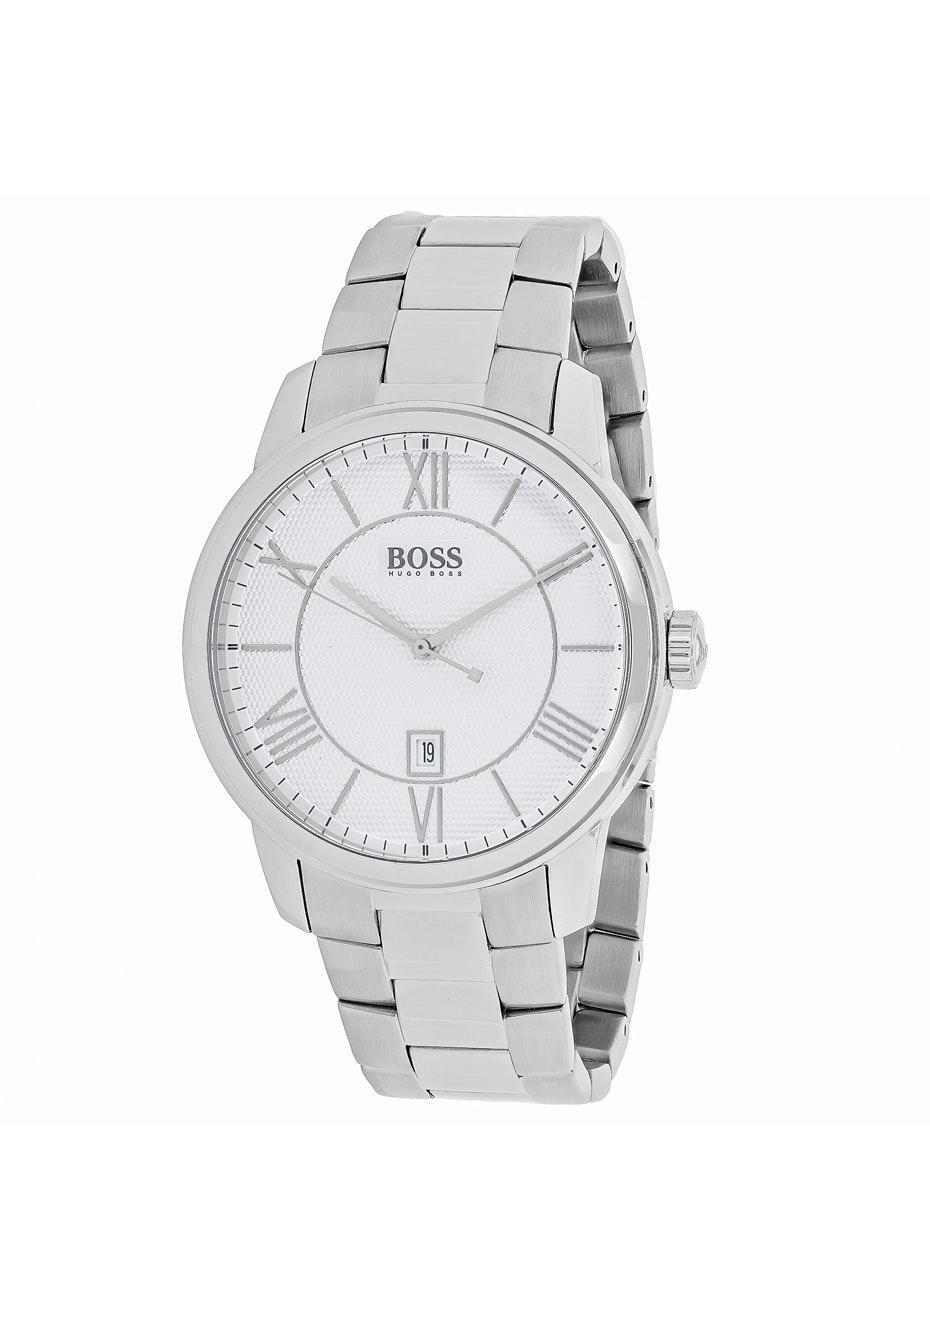 Hugo boss Men's Classic - White/Silver